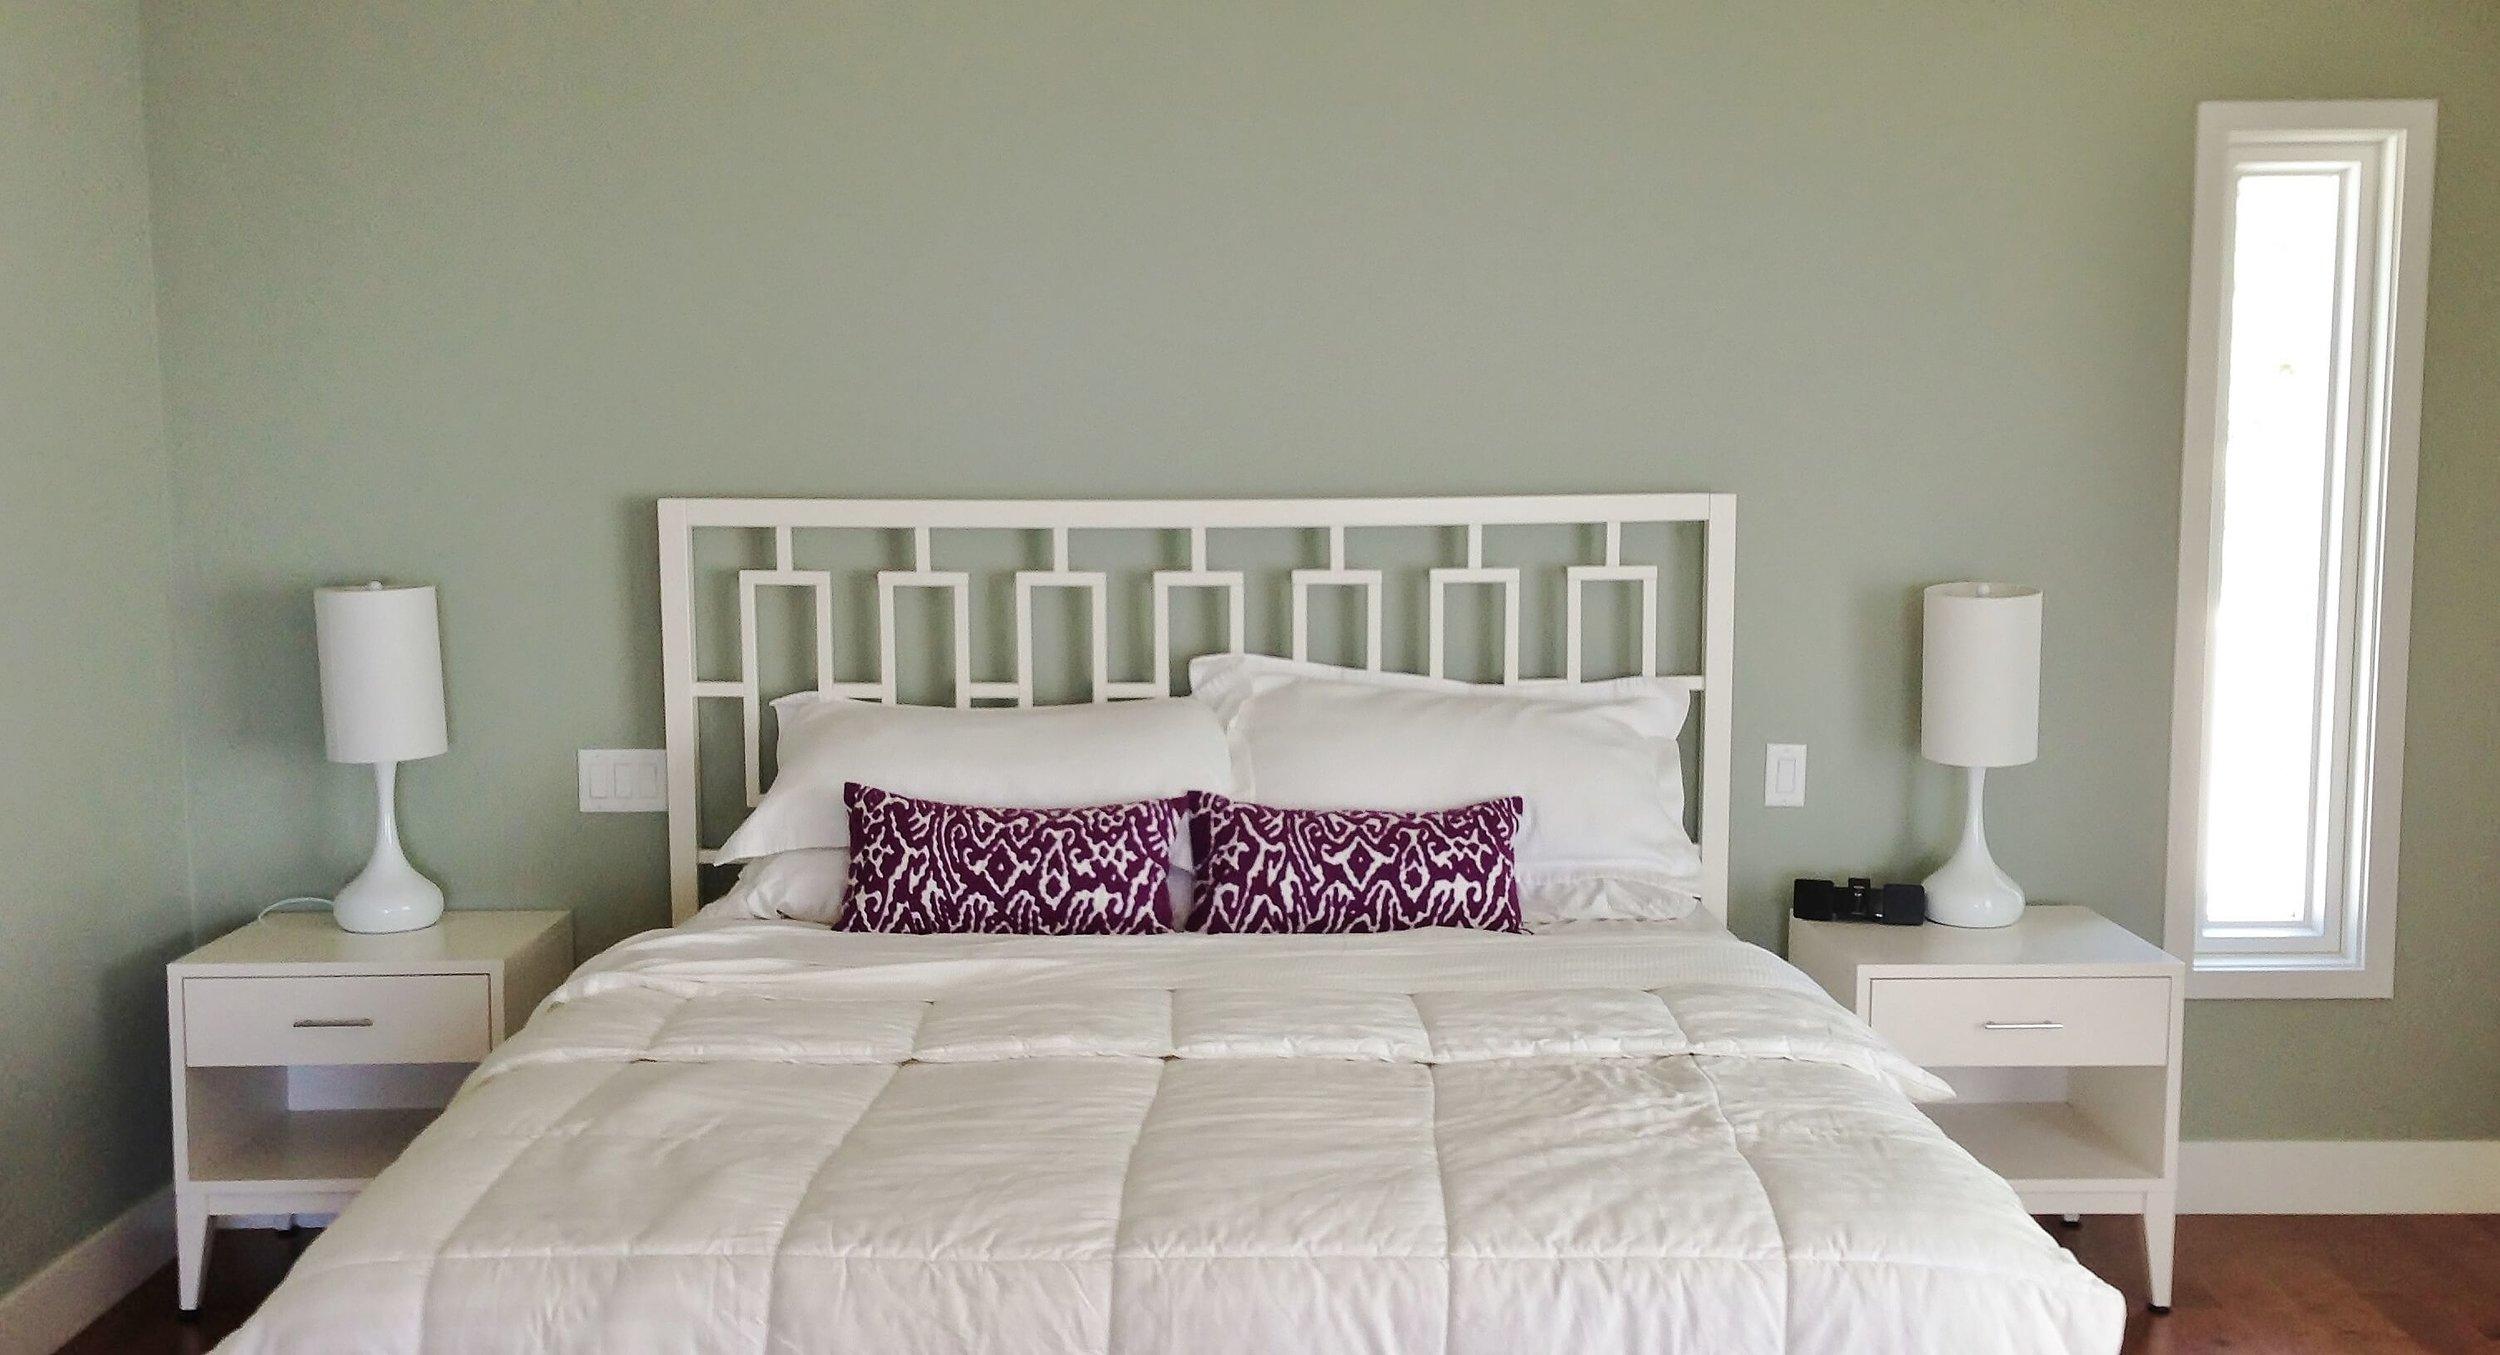 Ventura hs master bed.JPG